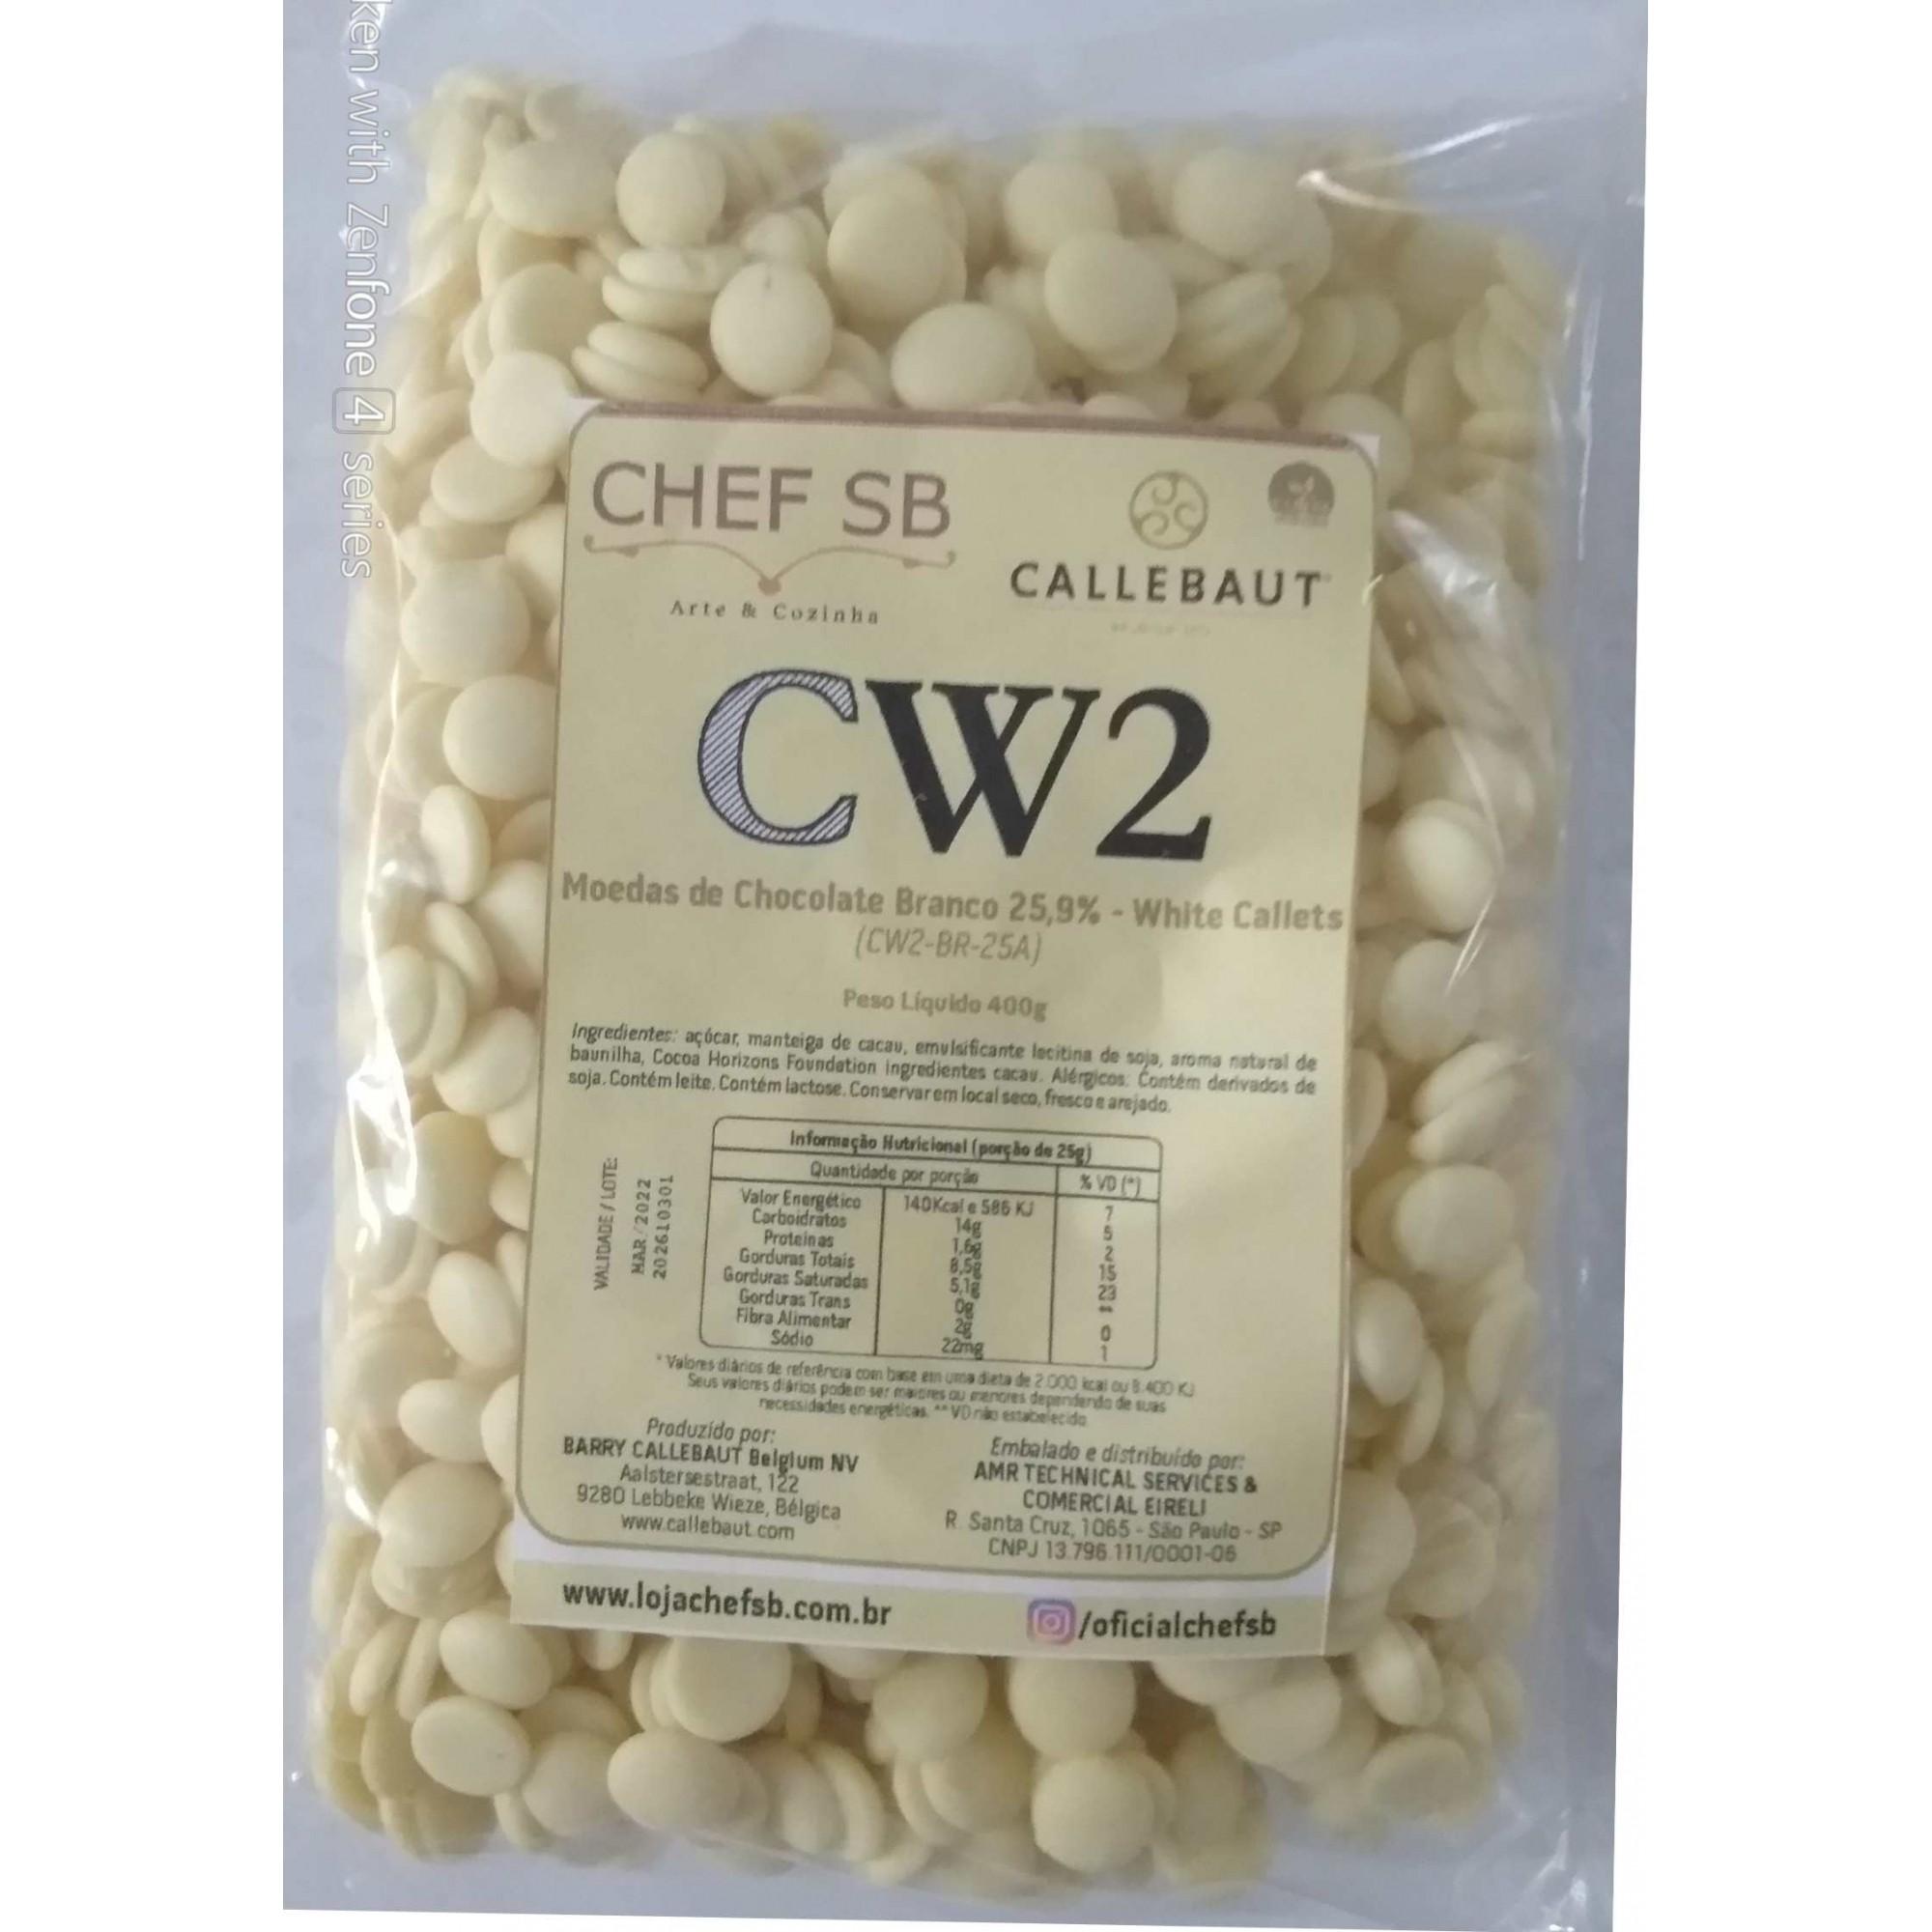 Chocolate branco CW2 Callebaut 25,9% Moedas a granel 500g